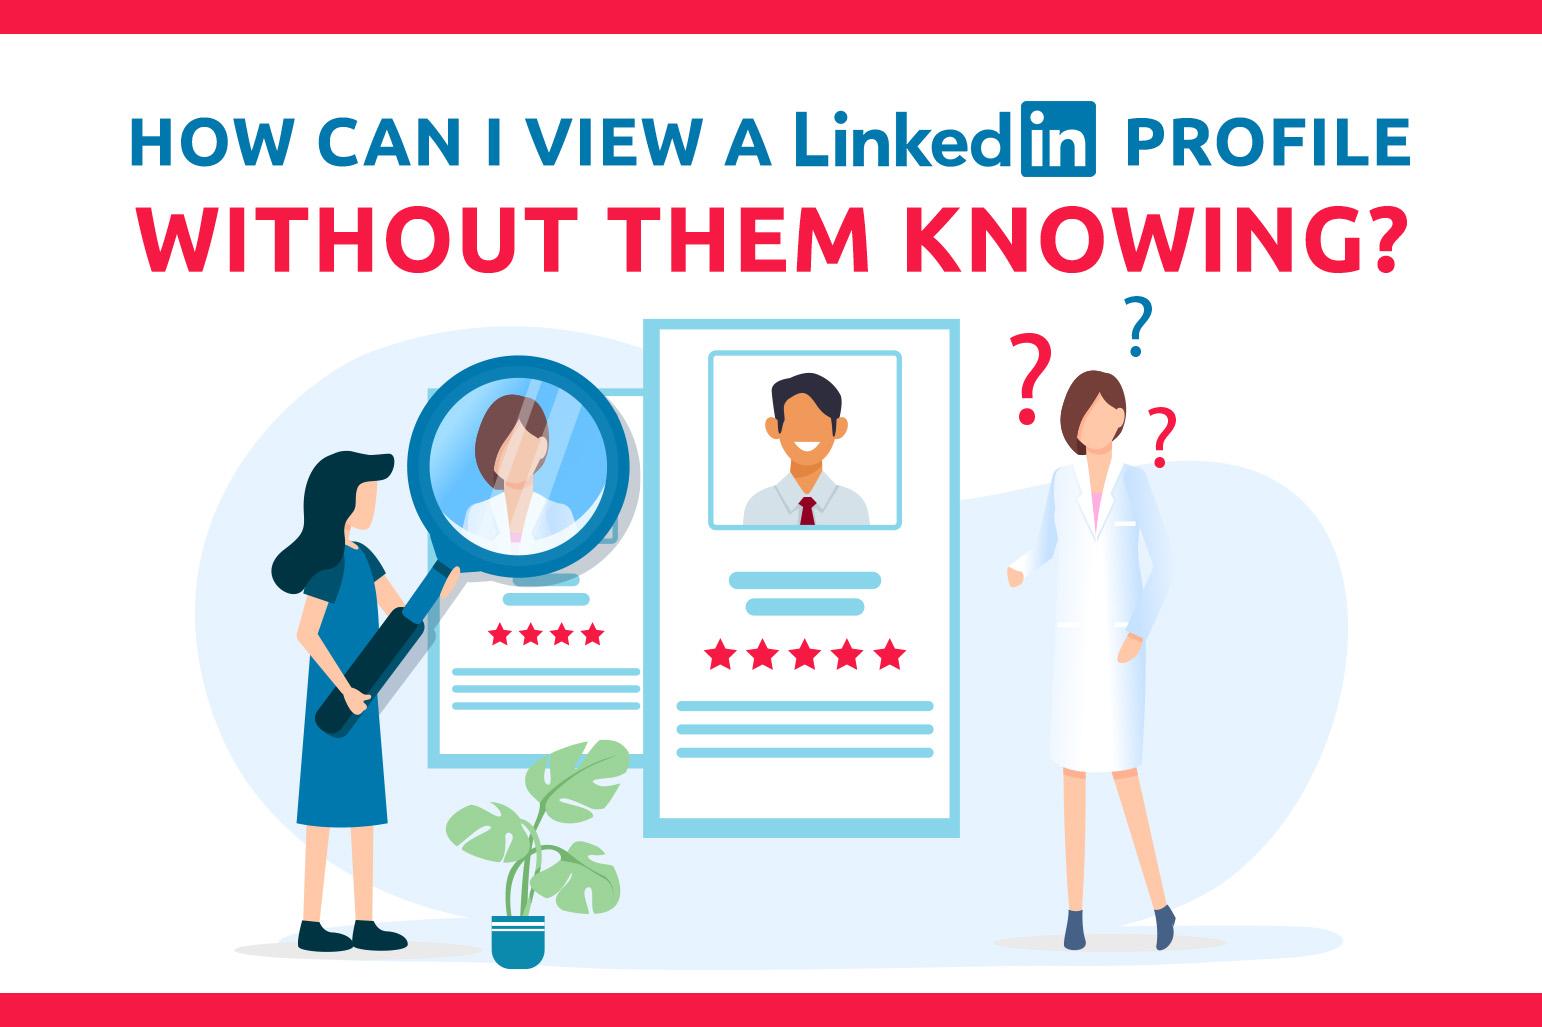 Como posso ver um perfil no LinkedIn sem que eles saibam?